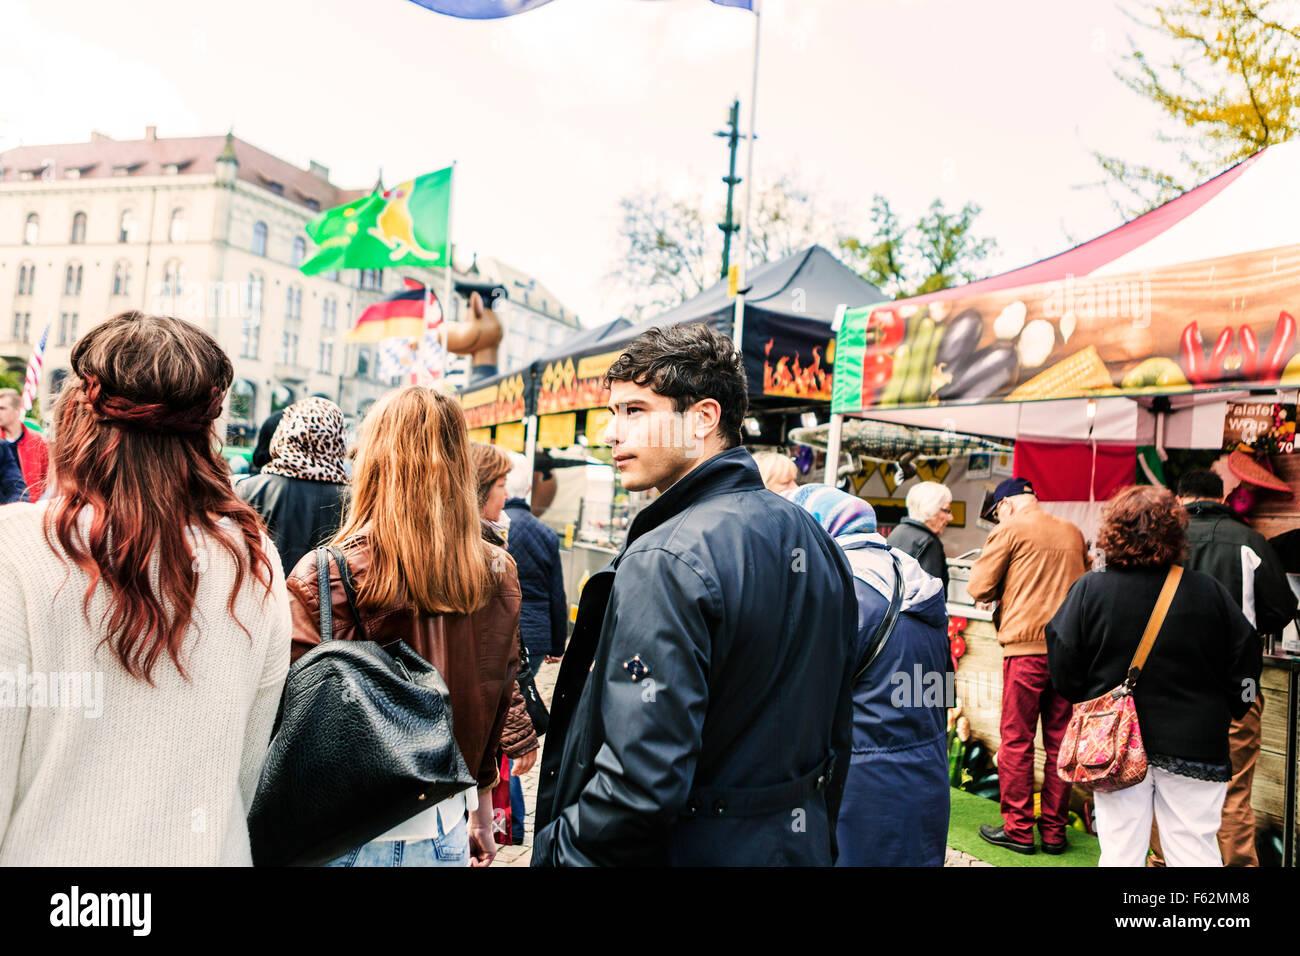 Freunde gehen auf der Straße am Markt Stockbild